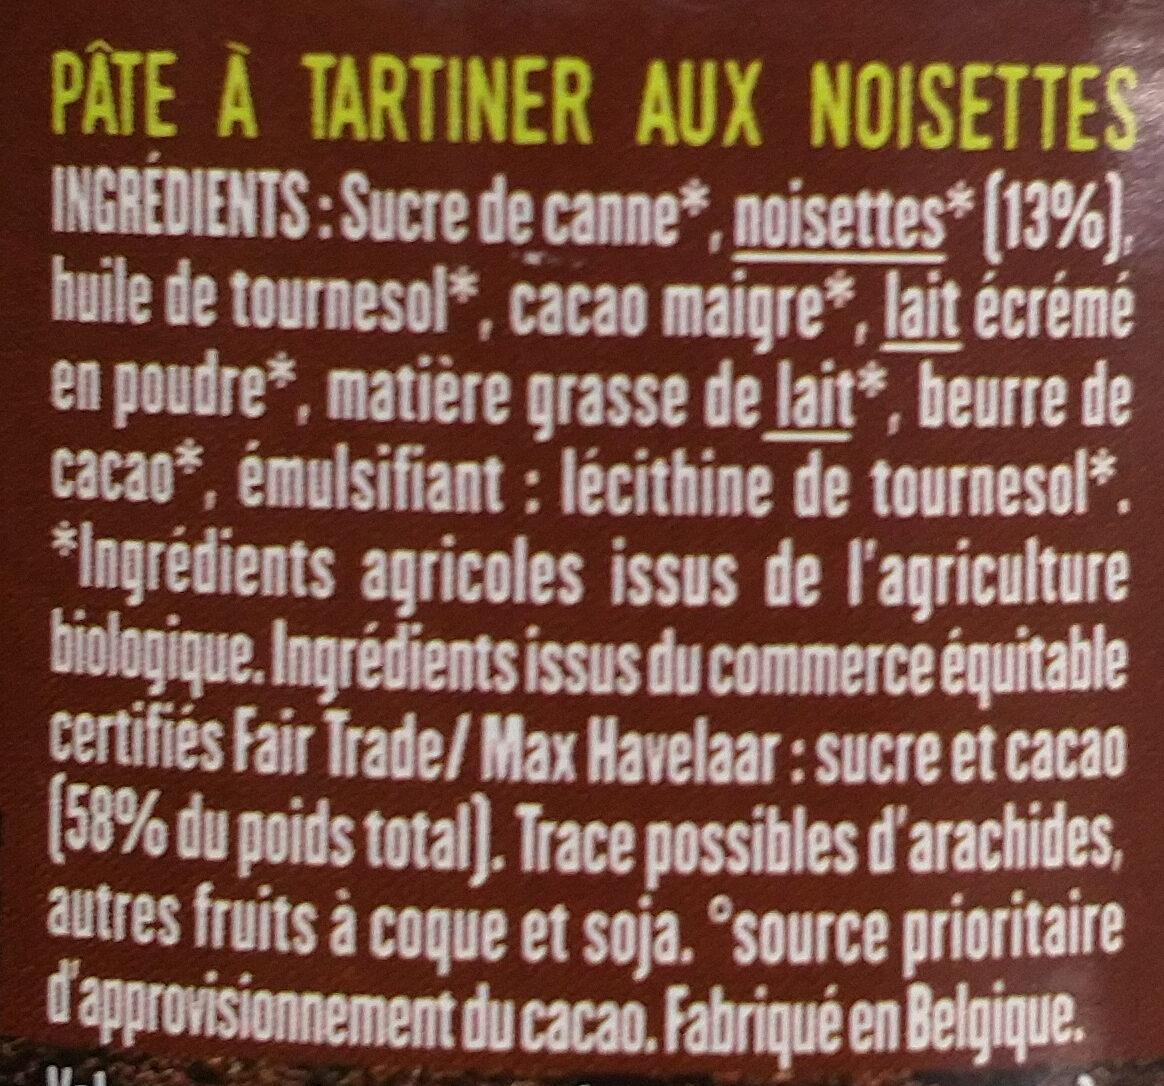 Pâte à tartiner aux noisettes - Ingredientes - fr